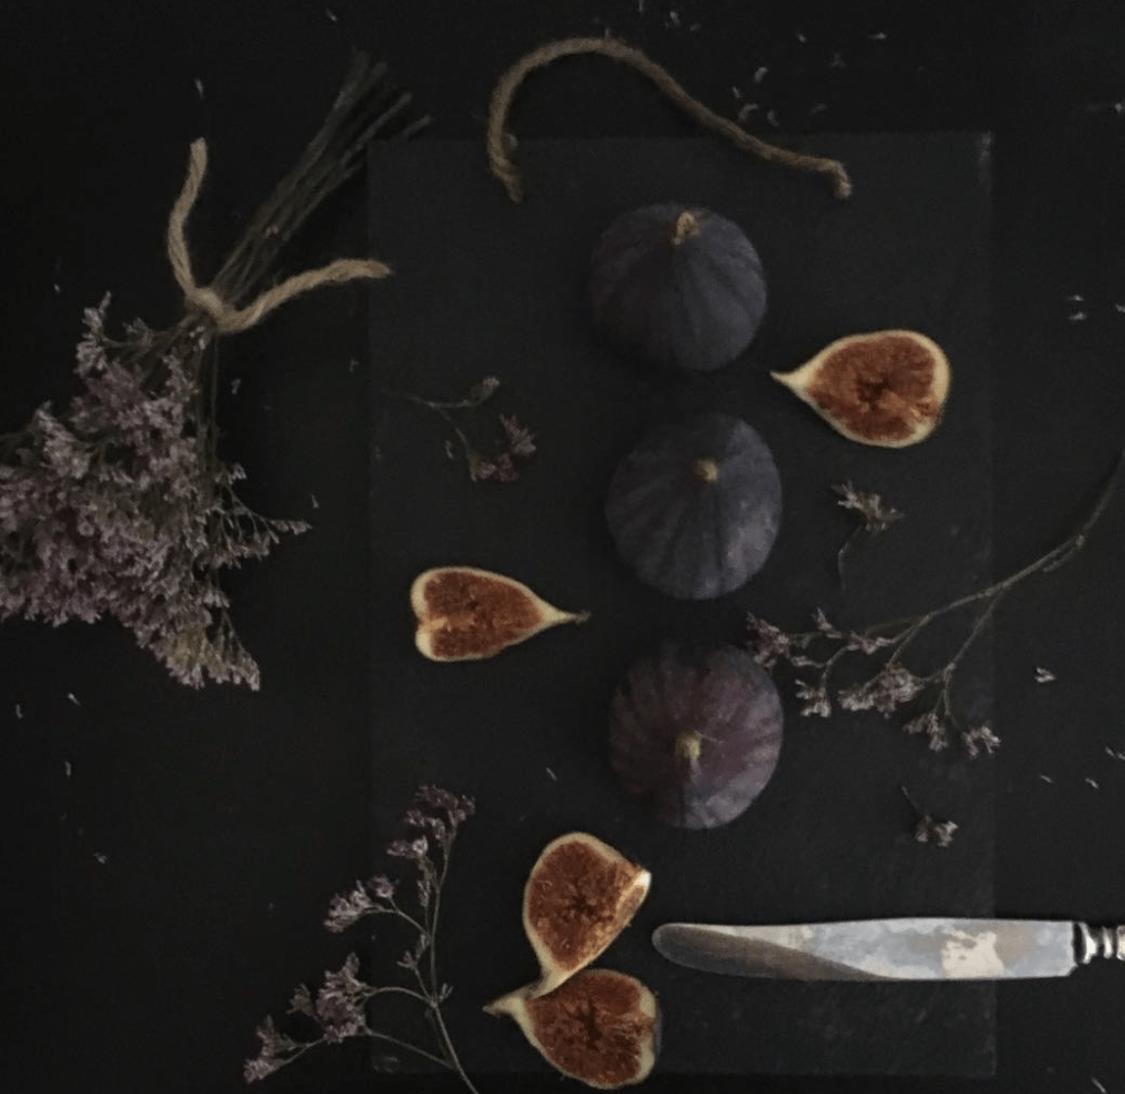 Figs styling